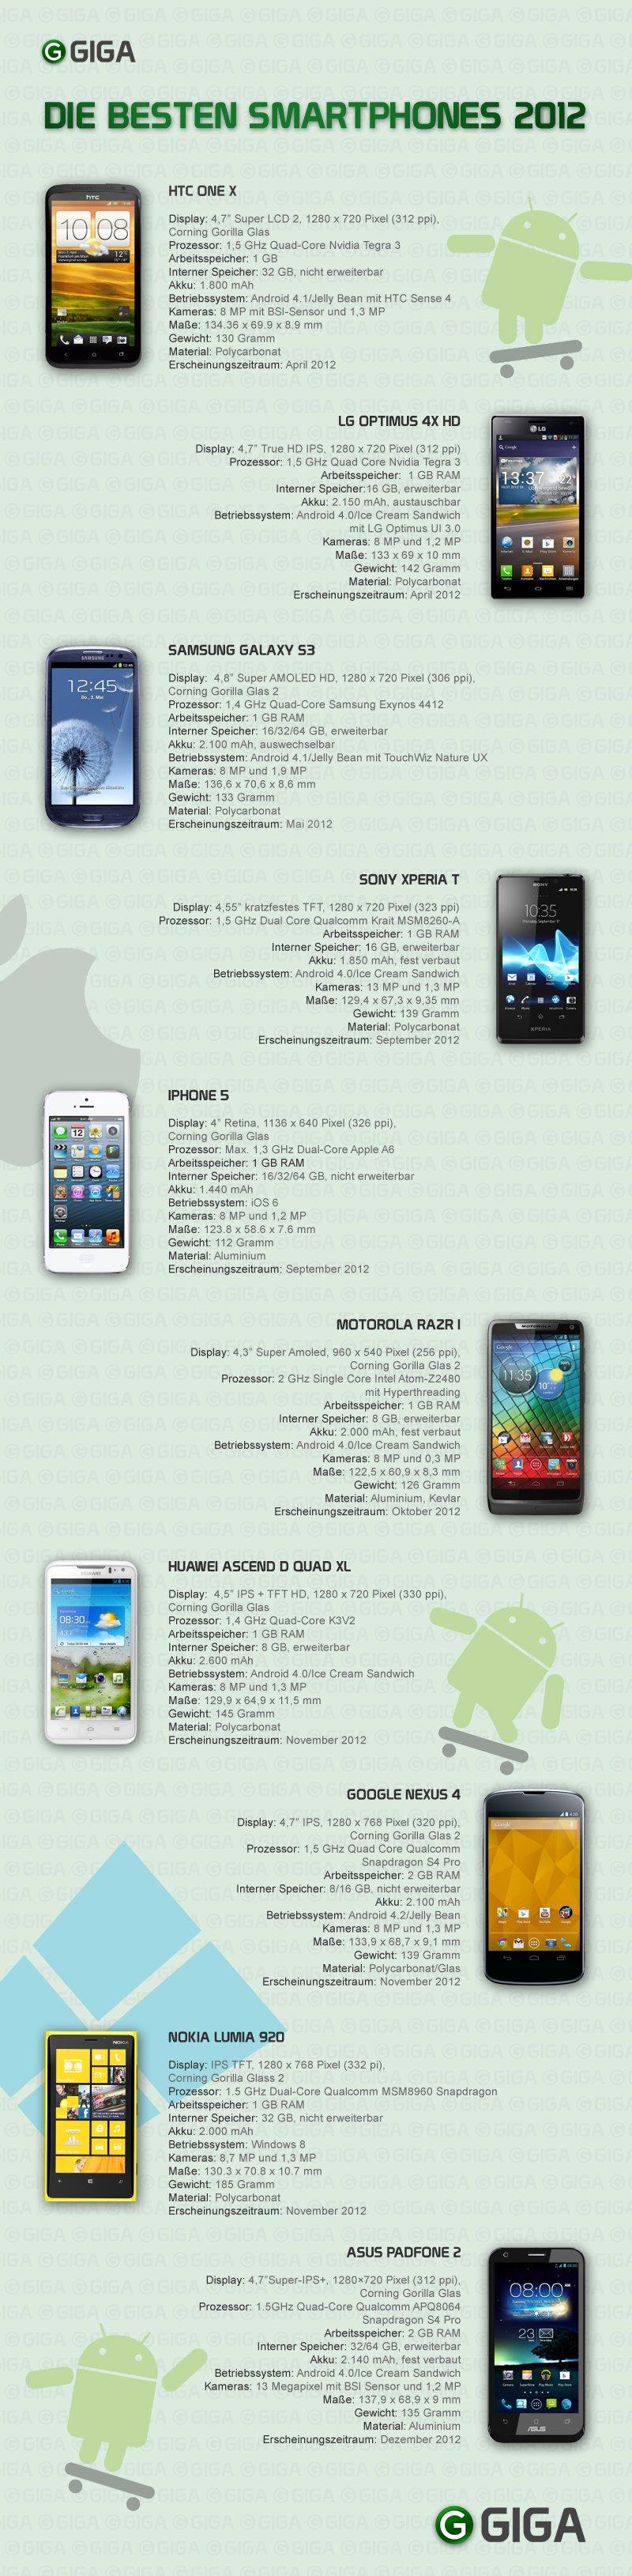 Die-besten-Smartphones-2012